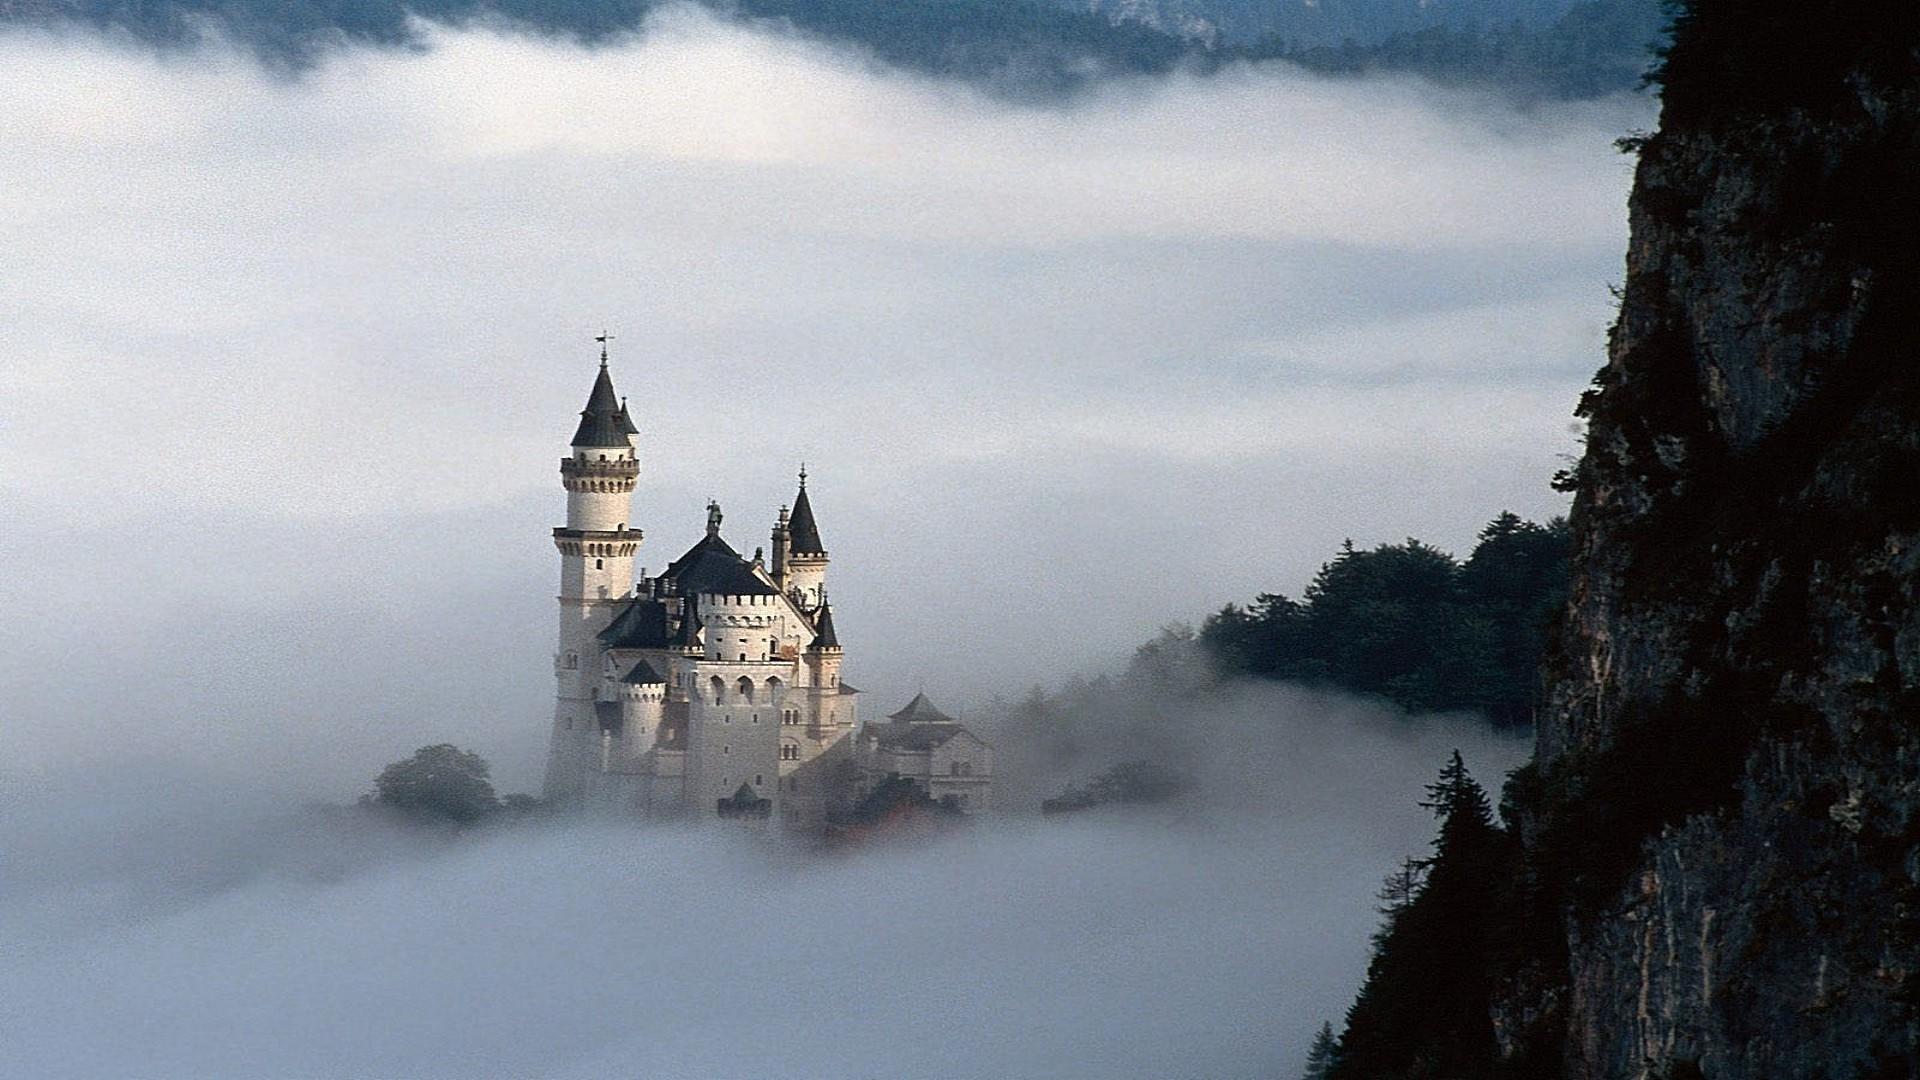 Обои рабочего стола замок в тумане